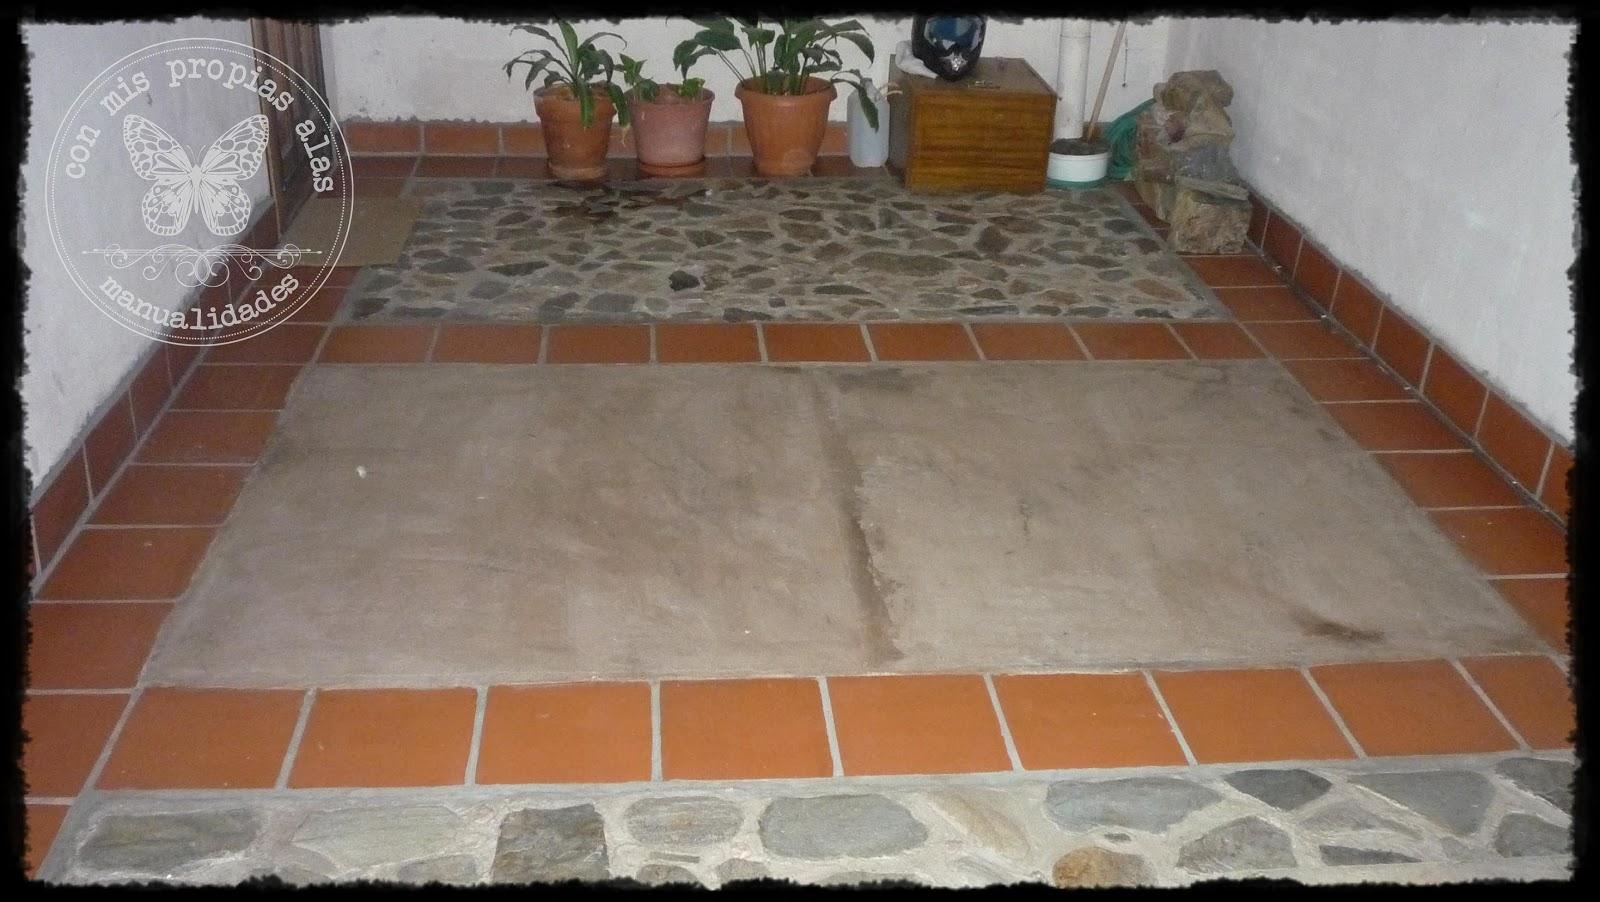 23 noviembre 2012 for Materiales para hacer un piso